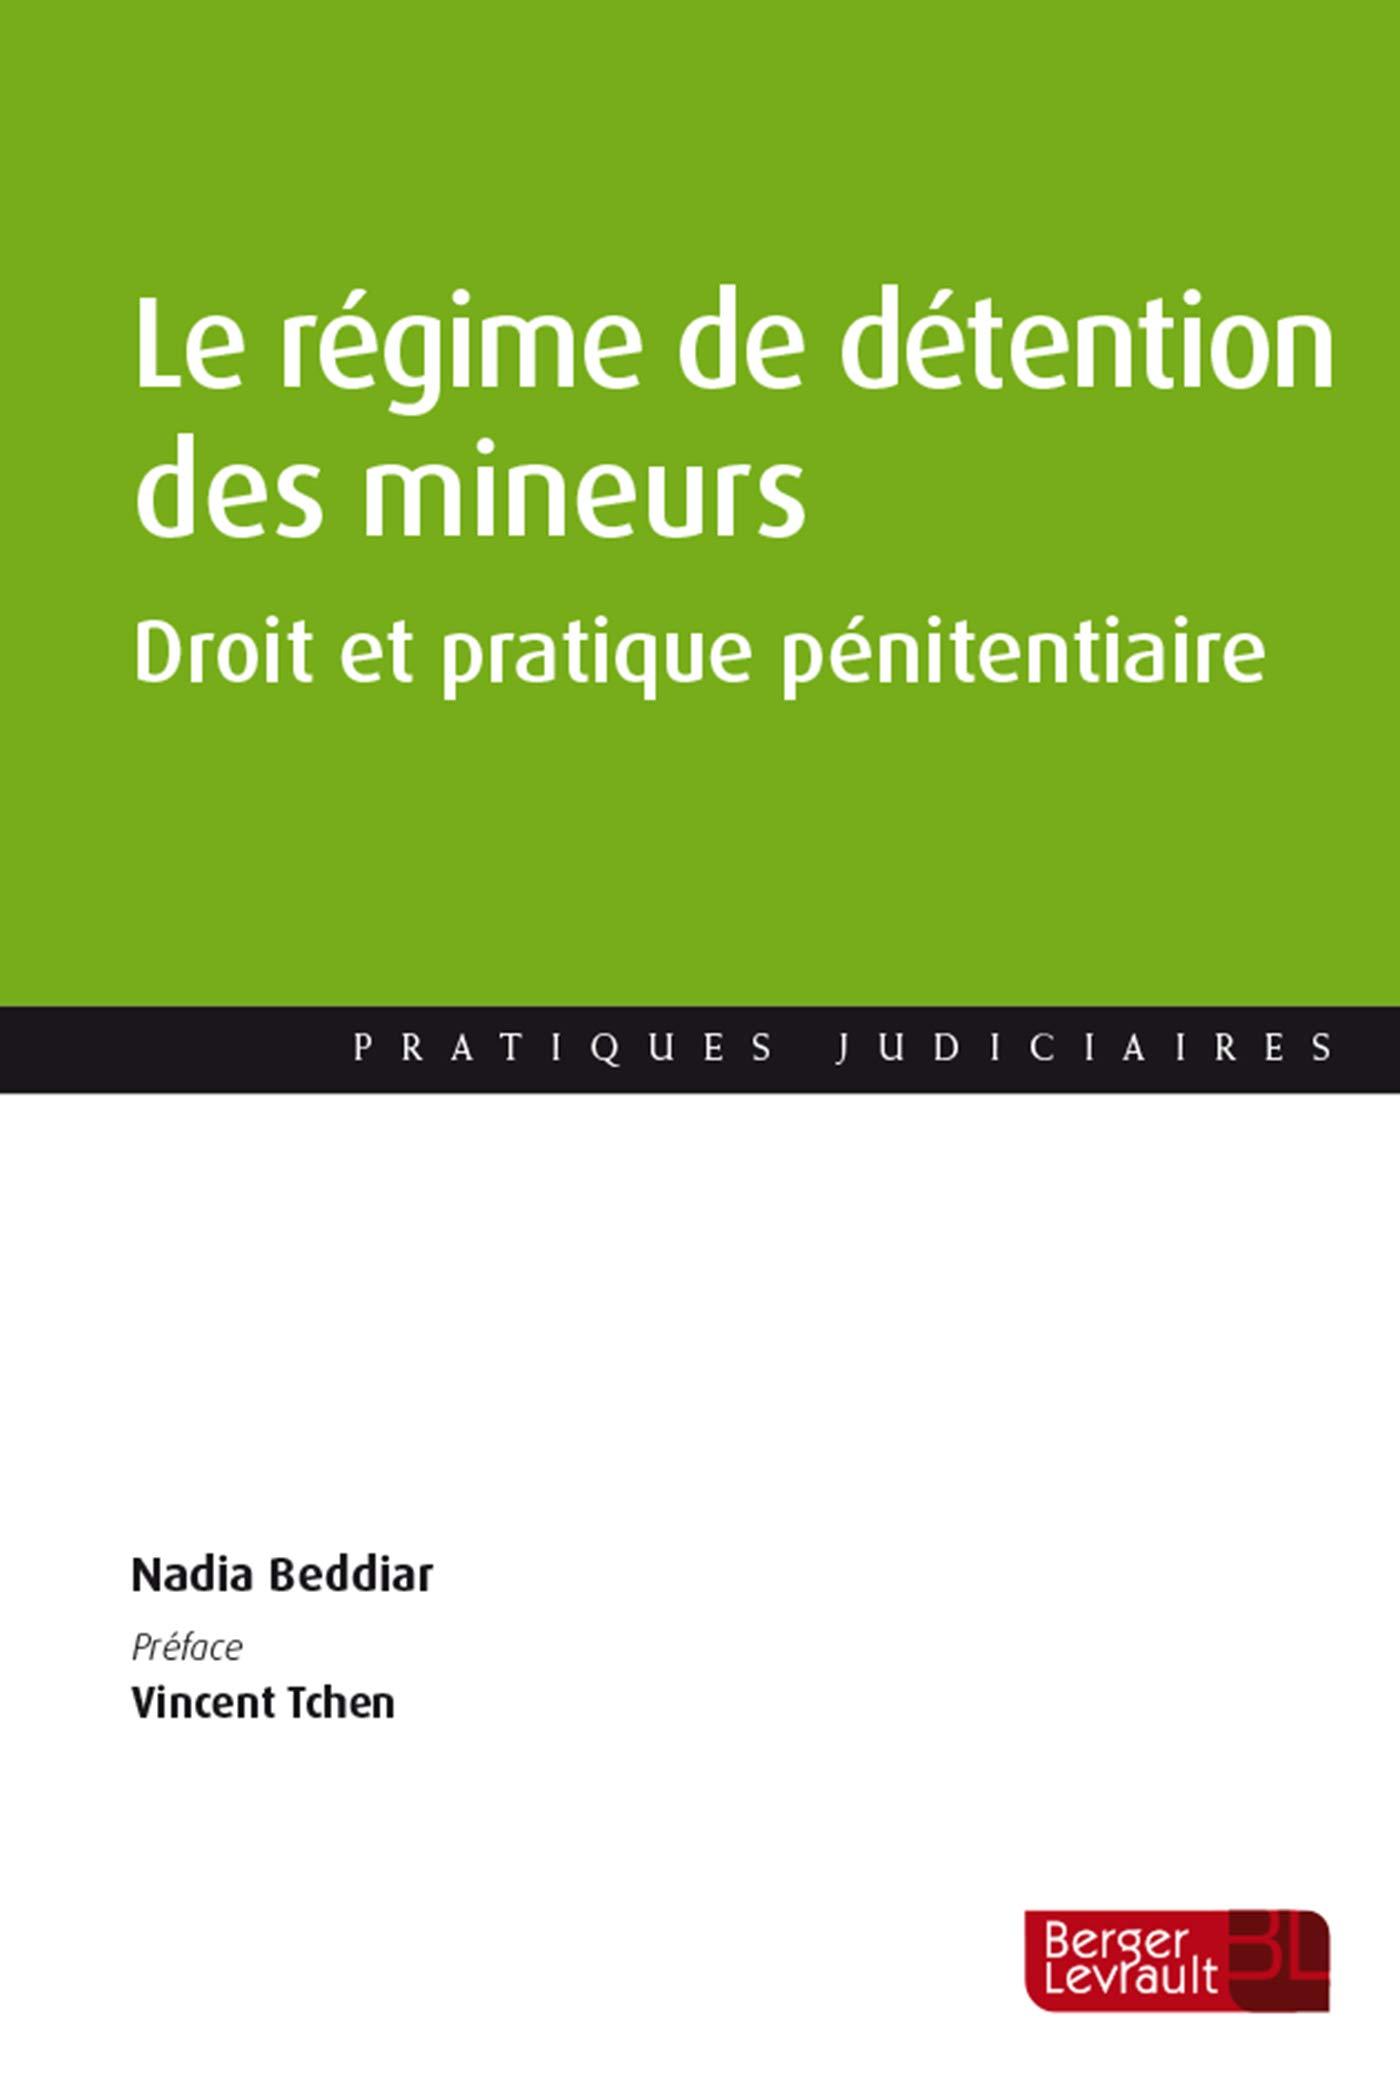 Droit et pratique pénitentiaire : Le régime de détention des mineurs délinquants